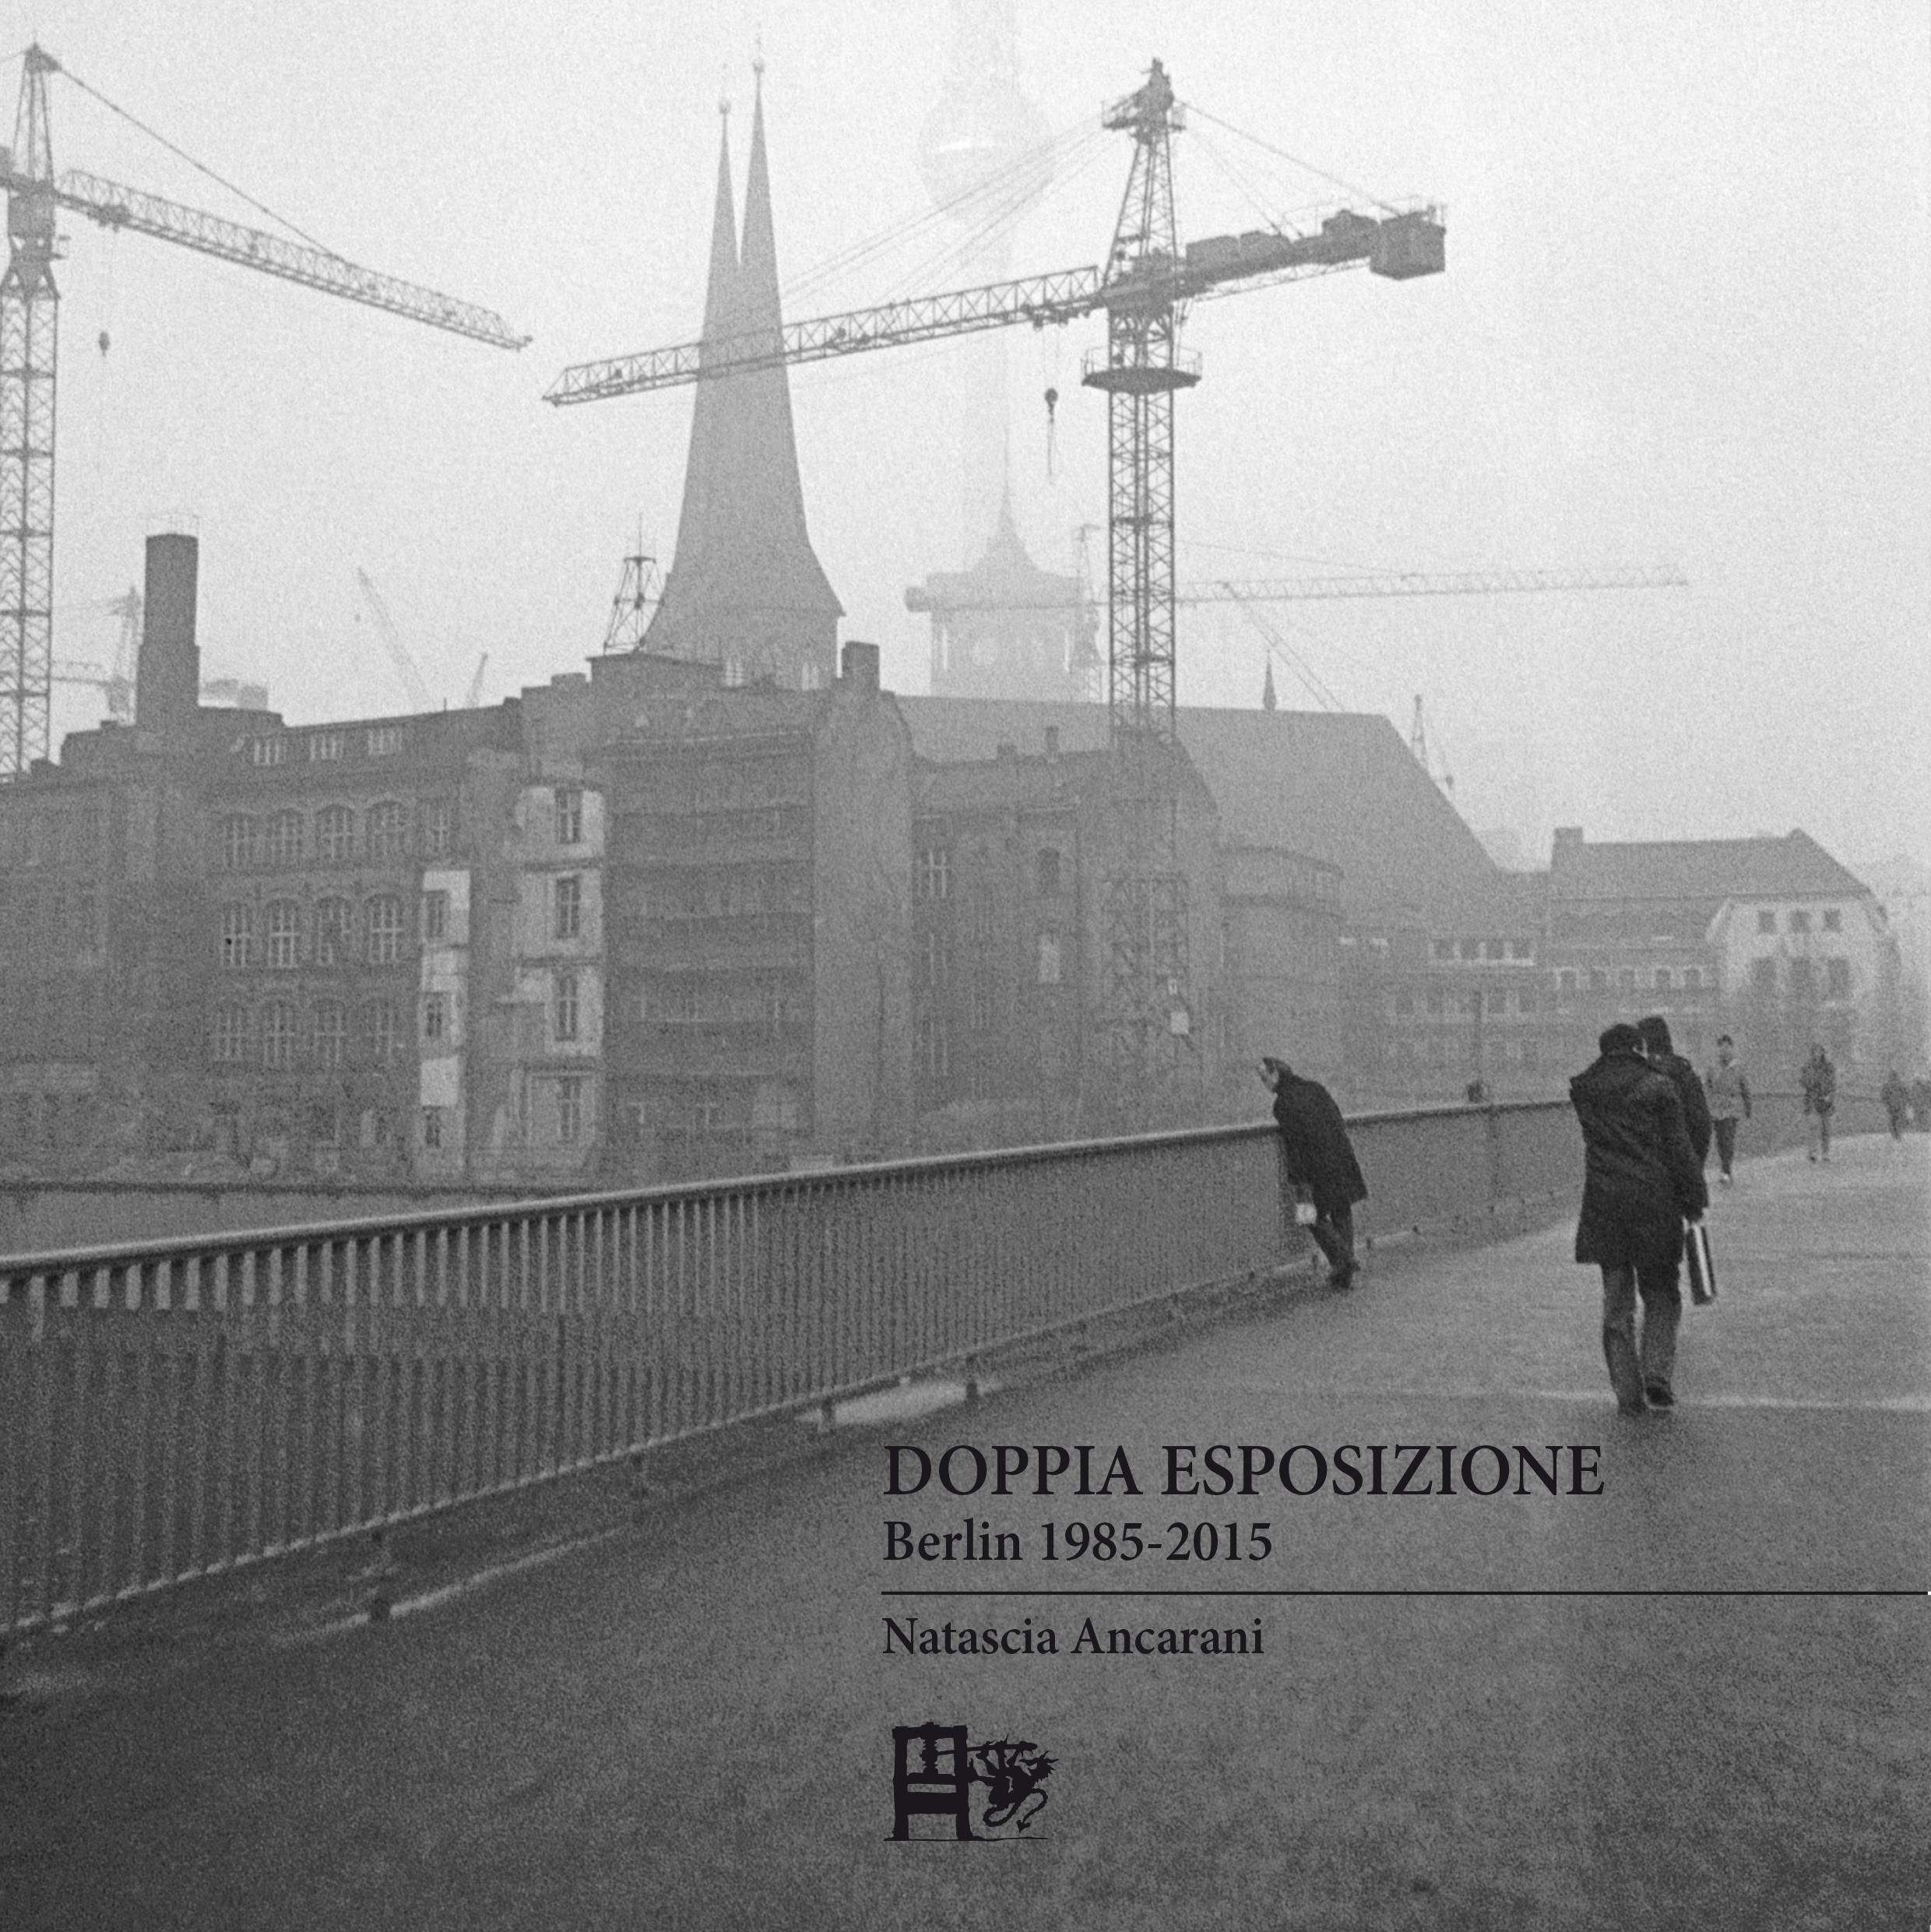 _FRONTCOVER_Doppia Esposizione  Berlin 1985-2015_ Torre della televisione e Nikolaiviertel  Gru  Berlino Est 1985  Fotografia di P Woelck